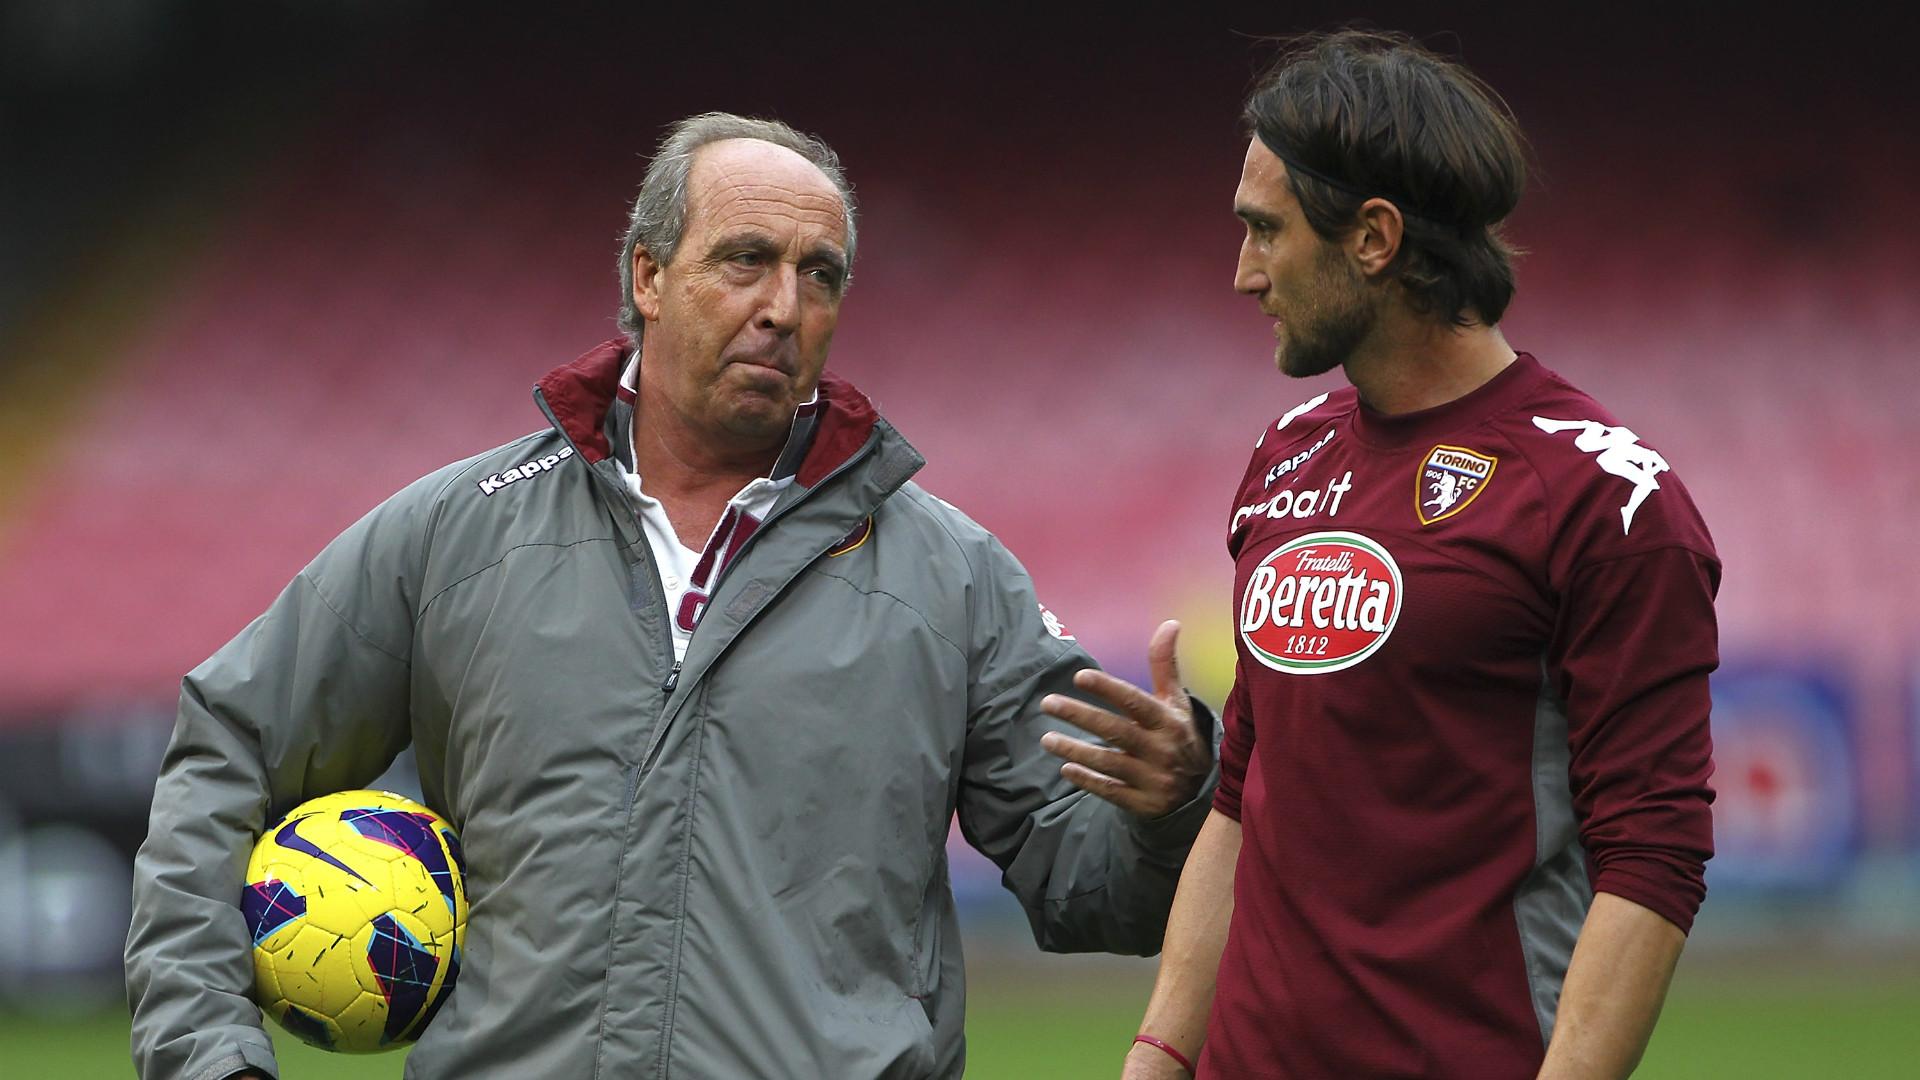 Italia, Bianchi all'attacco: